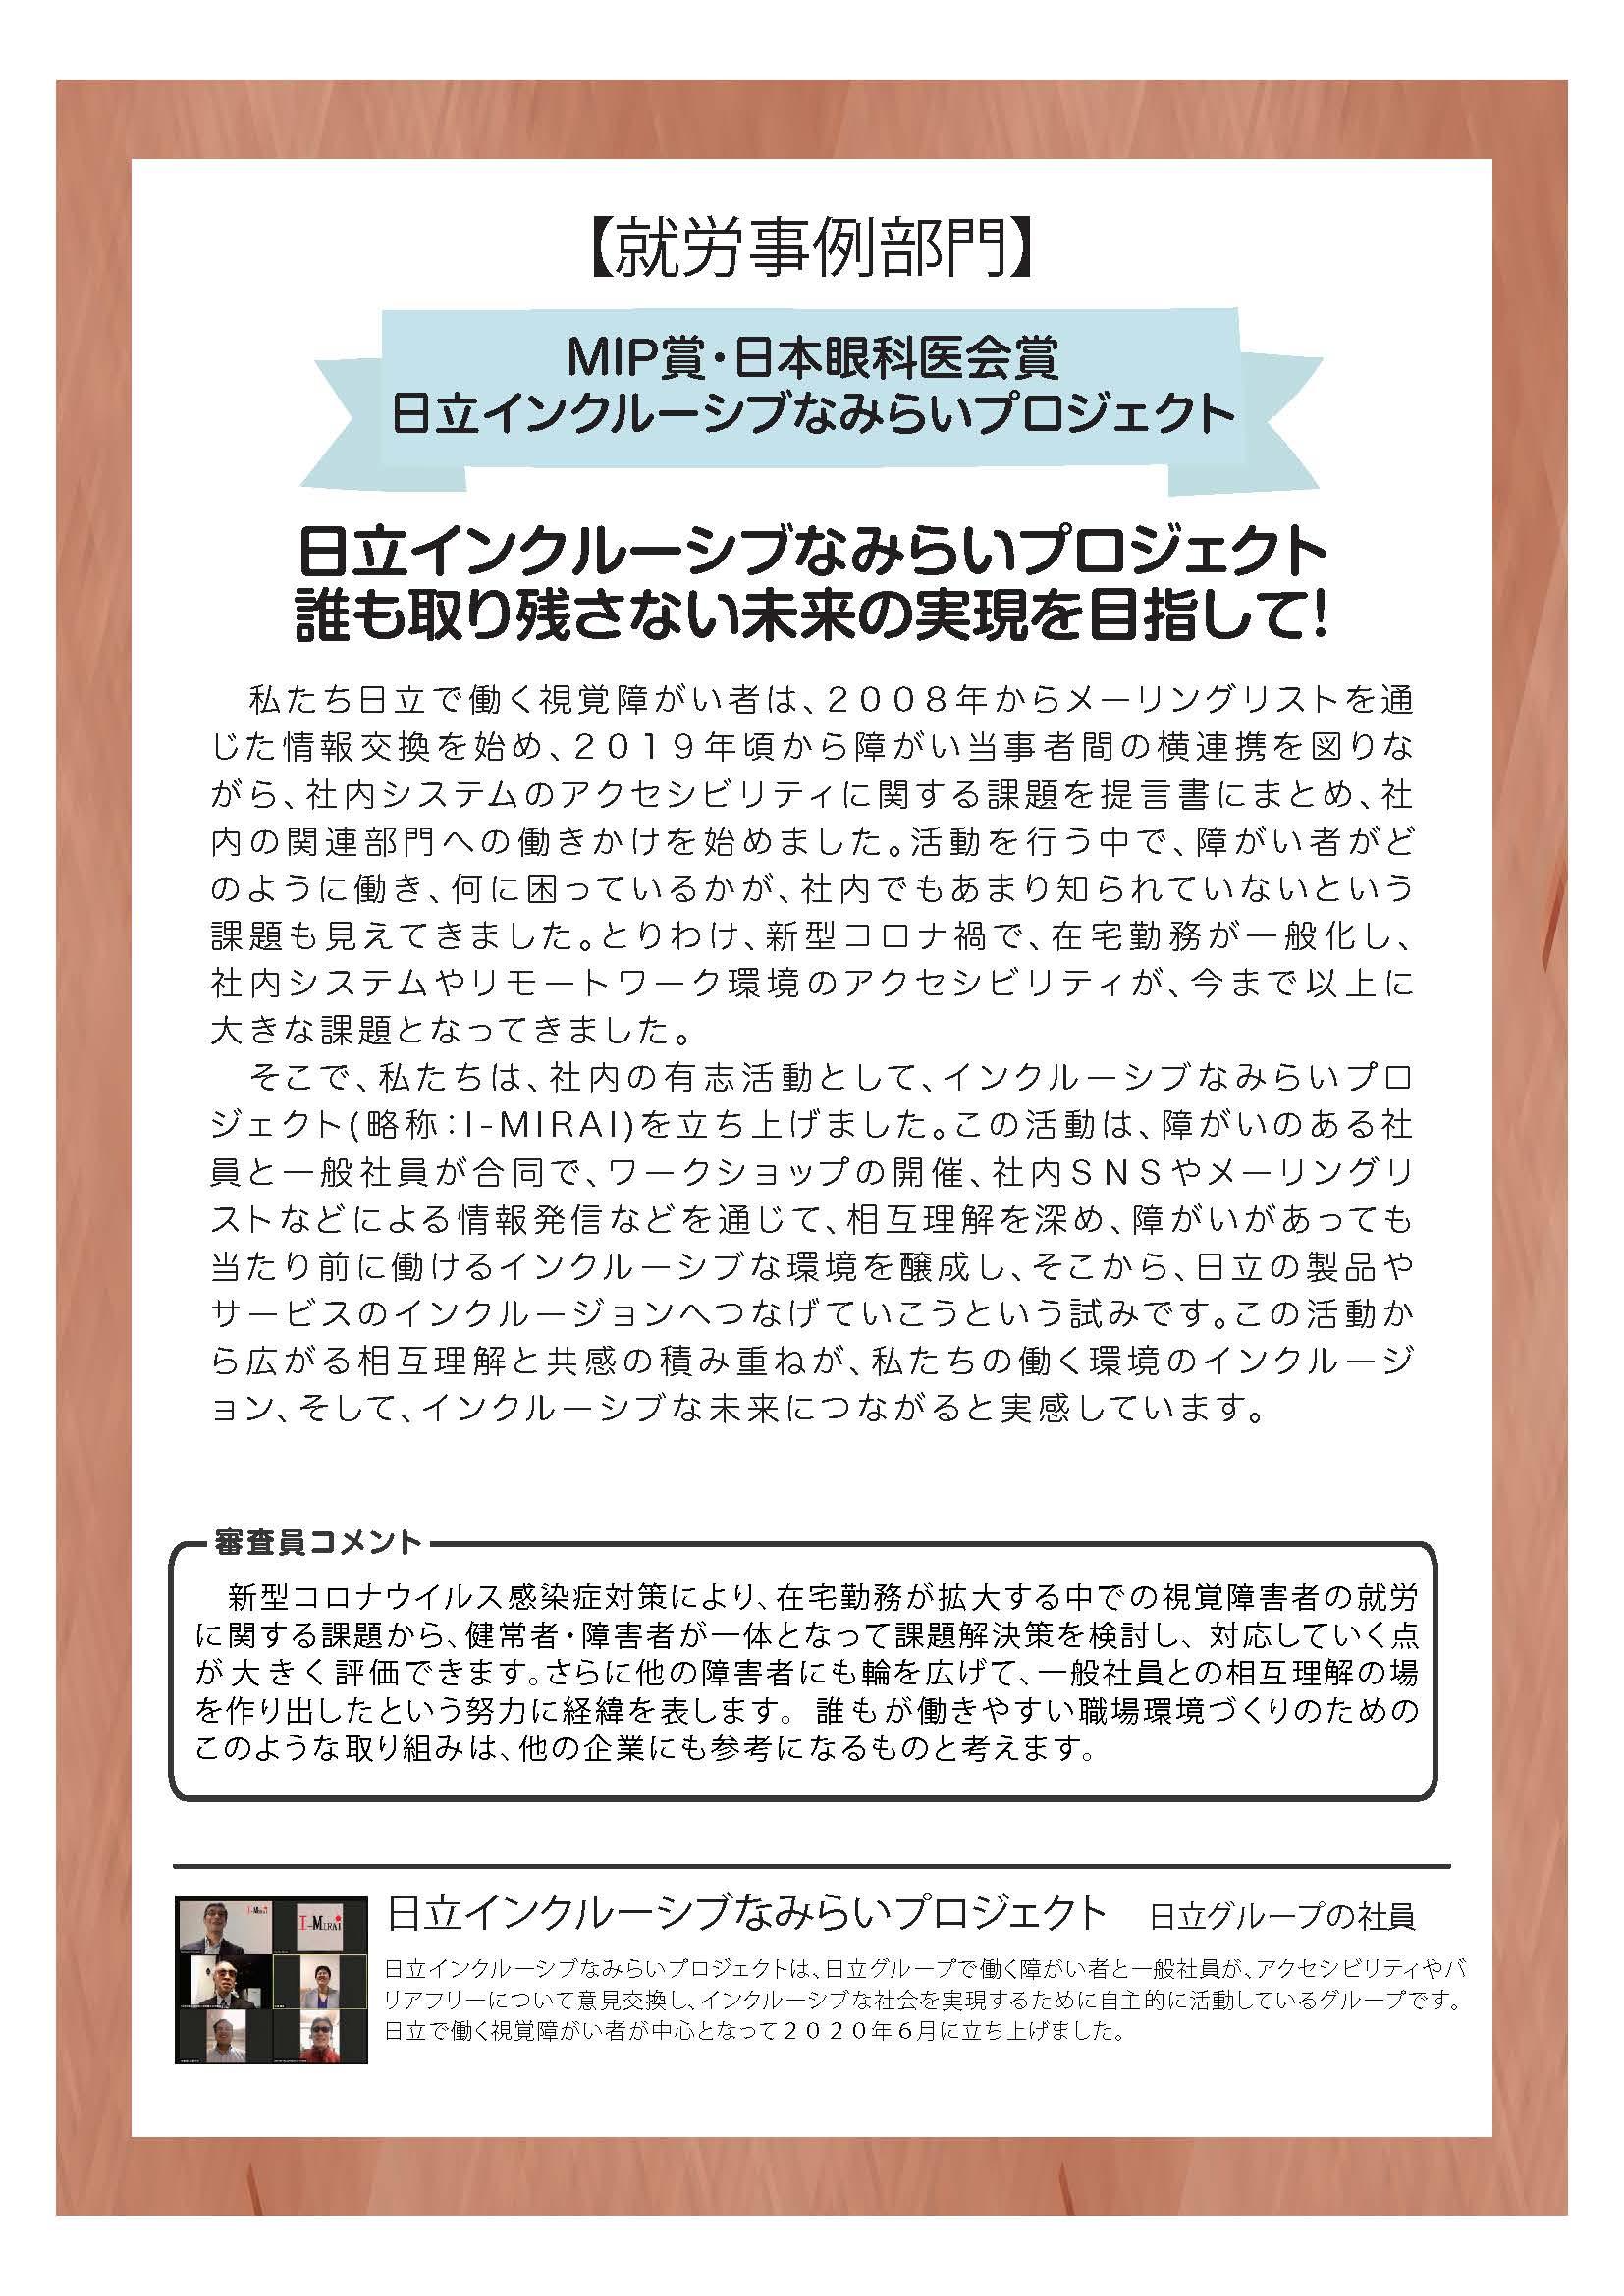 【就労事例部門】 MIP賞・日本眼科医会賞 日立インクルーシブなみらいプロジェクト 日立インクルーシブなみらいプロジェクト 誰も取り残さない未来の実現を目指して!  私たち日立で働く視覚障がい者は、2008年からメーリングリストを通じた情報交換を始め、2019年頃から障がい当事者間の横連携を図りながら、社内システムのアクセシビリティに関する課題を提言書にまとめ、社内の関連部門への働きかけを始めました。活動を行う中で、障がい者がどのように働き、何に困っているかが、社内でもあまり知られていないという課題も見えてきました。とりわけ、新型コロナ禍で、在宅勤務が一般化し、社内システムやリモートワーク環境のアクセシビリティが、今まで以上に大きな課題となってきました。  そこで、私たちは、社内の有志活動として、インクルーシブなみらいプロジェクト(略称:I-MIRAI)を立ち上げました。この活動は、障がいのある社員と一般社員が合同で、ワークショップの開催、社内SNSやメーリングリストなどによる情報発信などを通じて、相互理解を深め、障がいがあっても当たり前に働けるインクルーシブな環境を醸成し、そこから、日立の製品やサービスのインクルージョンへつなげていこうという試みです。この活動から広がる相互理解と共感の積み重ねが、私たちの働く環境のインクルージョン、そして、インクルーシブな未来につながると実感しています。  審査員コメント 新型コロナウイルス感染症対策により、在宅勤務が拡大する中での視覚障害者の就労に関する課題から、健常者・障害者が一体となって課題解決策を検討し、対応していく点が大きく評価できます。さらに他の障害者にも輪を広げて、一般社員との相互理解の場を作り出したという努力に経緯を表します。誰もが働きやすい職場環境づくりのためのこのような取り組みは、他の企業にも参考になるものと考えます。  日立インクルーシブなみらいプロジェクト日立グループの社員 日立インクルーシブなみらいプロジェクトは、日立グループで働く障がい者と一般社員が、アクセシビリティやバリアフリーについて意見交換し、インクルーシブな社会を実現するために自主的に活動しているグループです。 日立で働く視覚障がい者が中心となって2020年6月に立ち上げました。